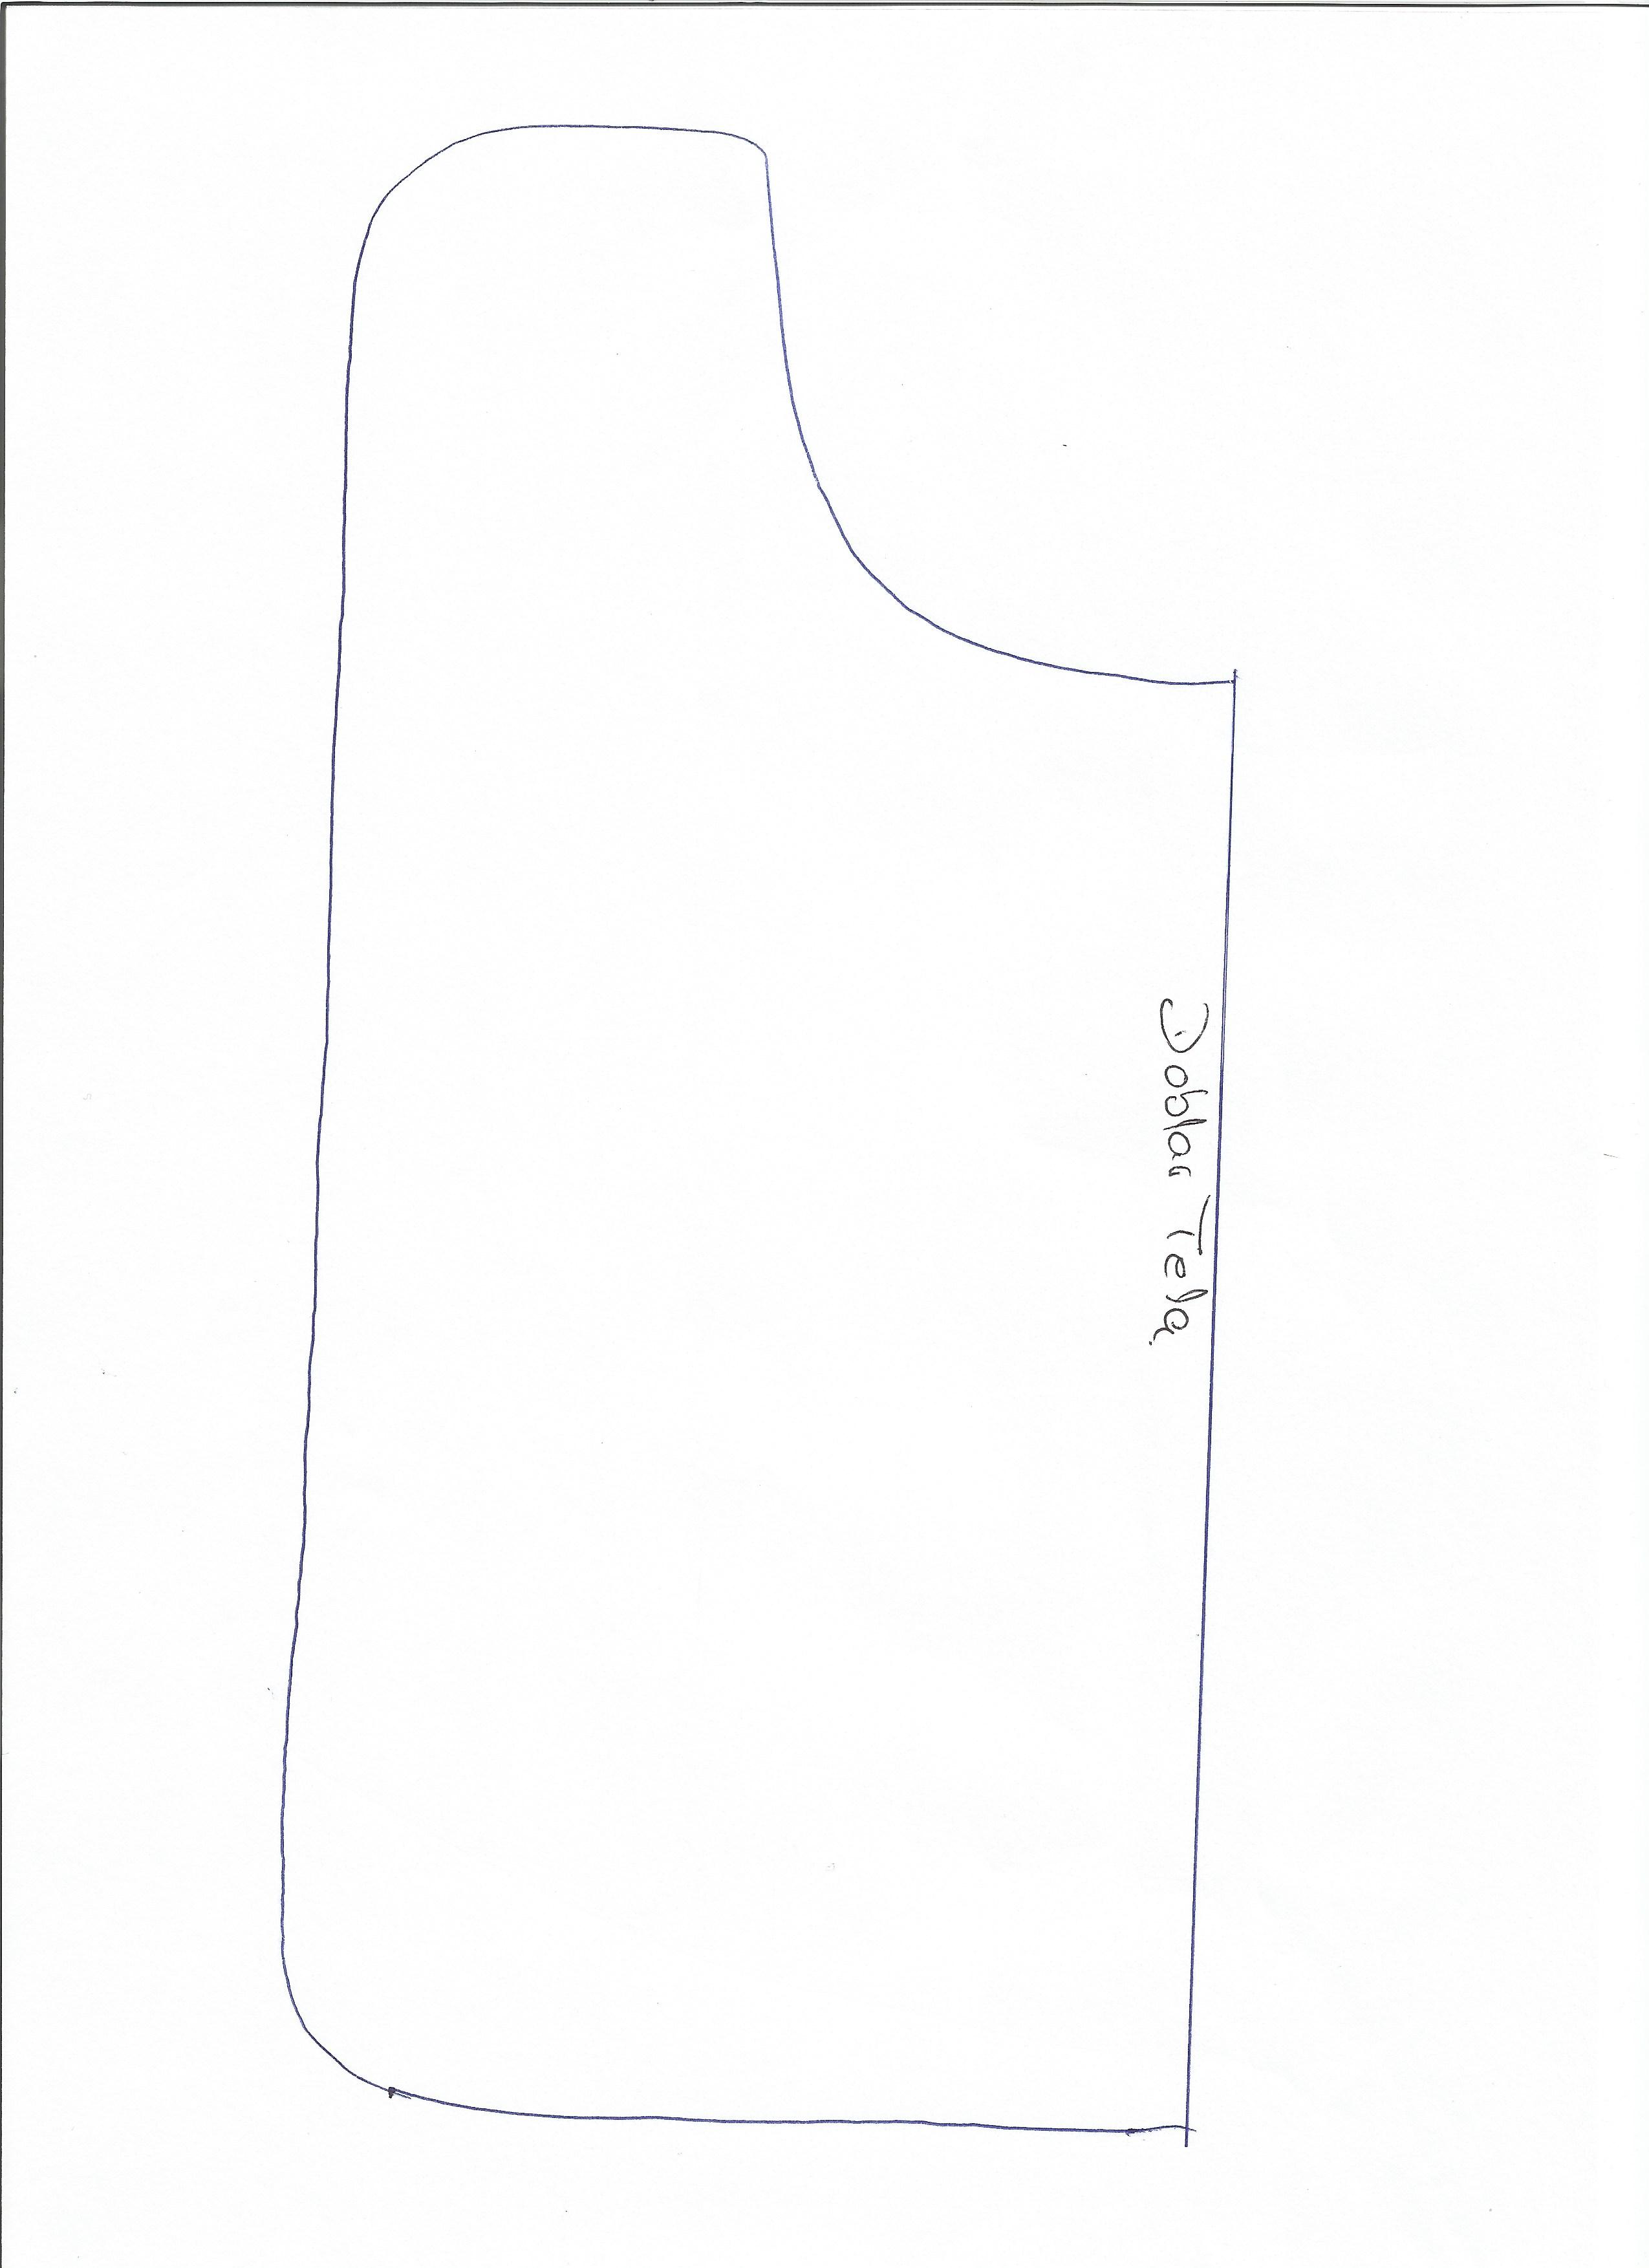 PATRONES DE MANUALIDADES GRATIS #2 - Textil Colmenar S.L